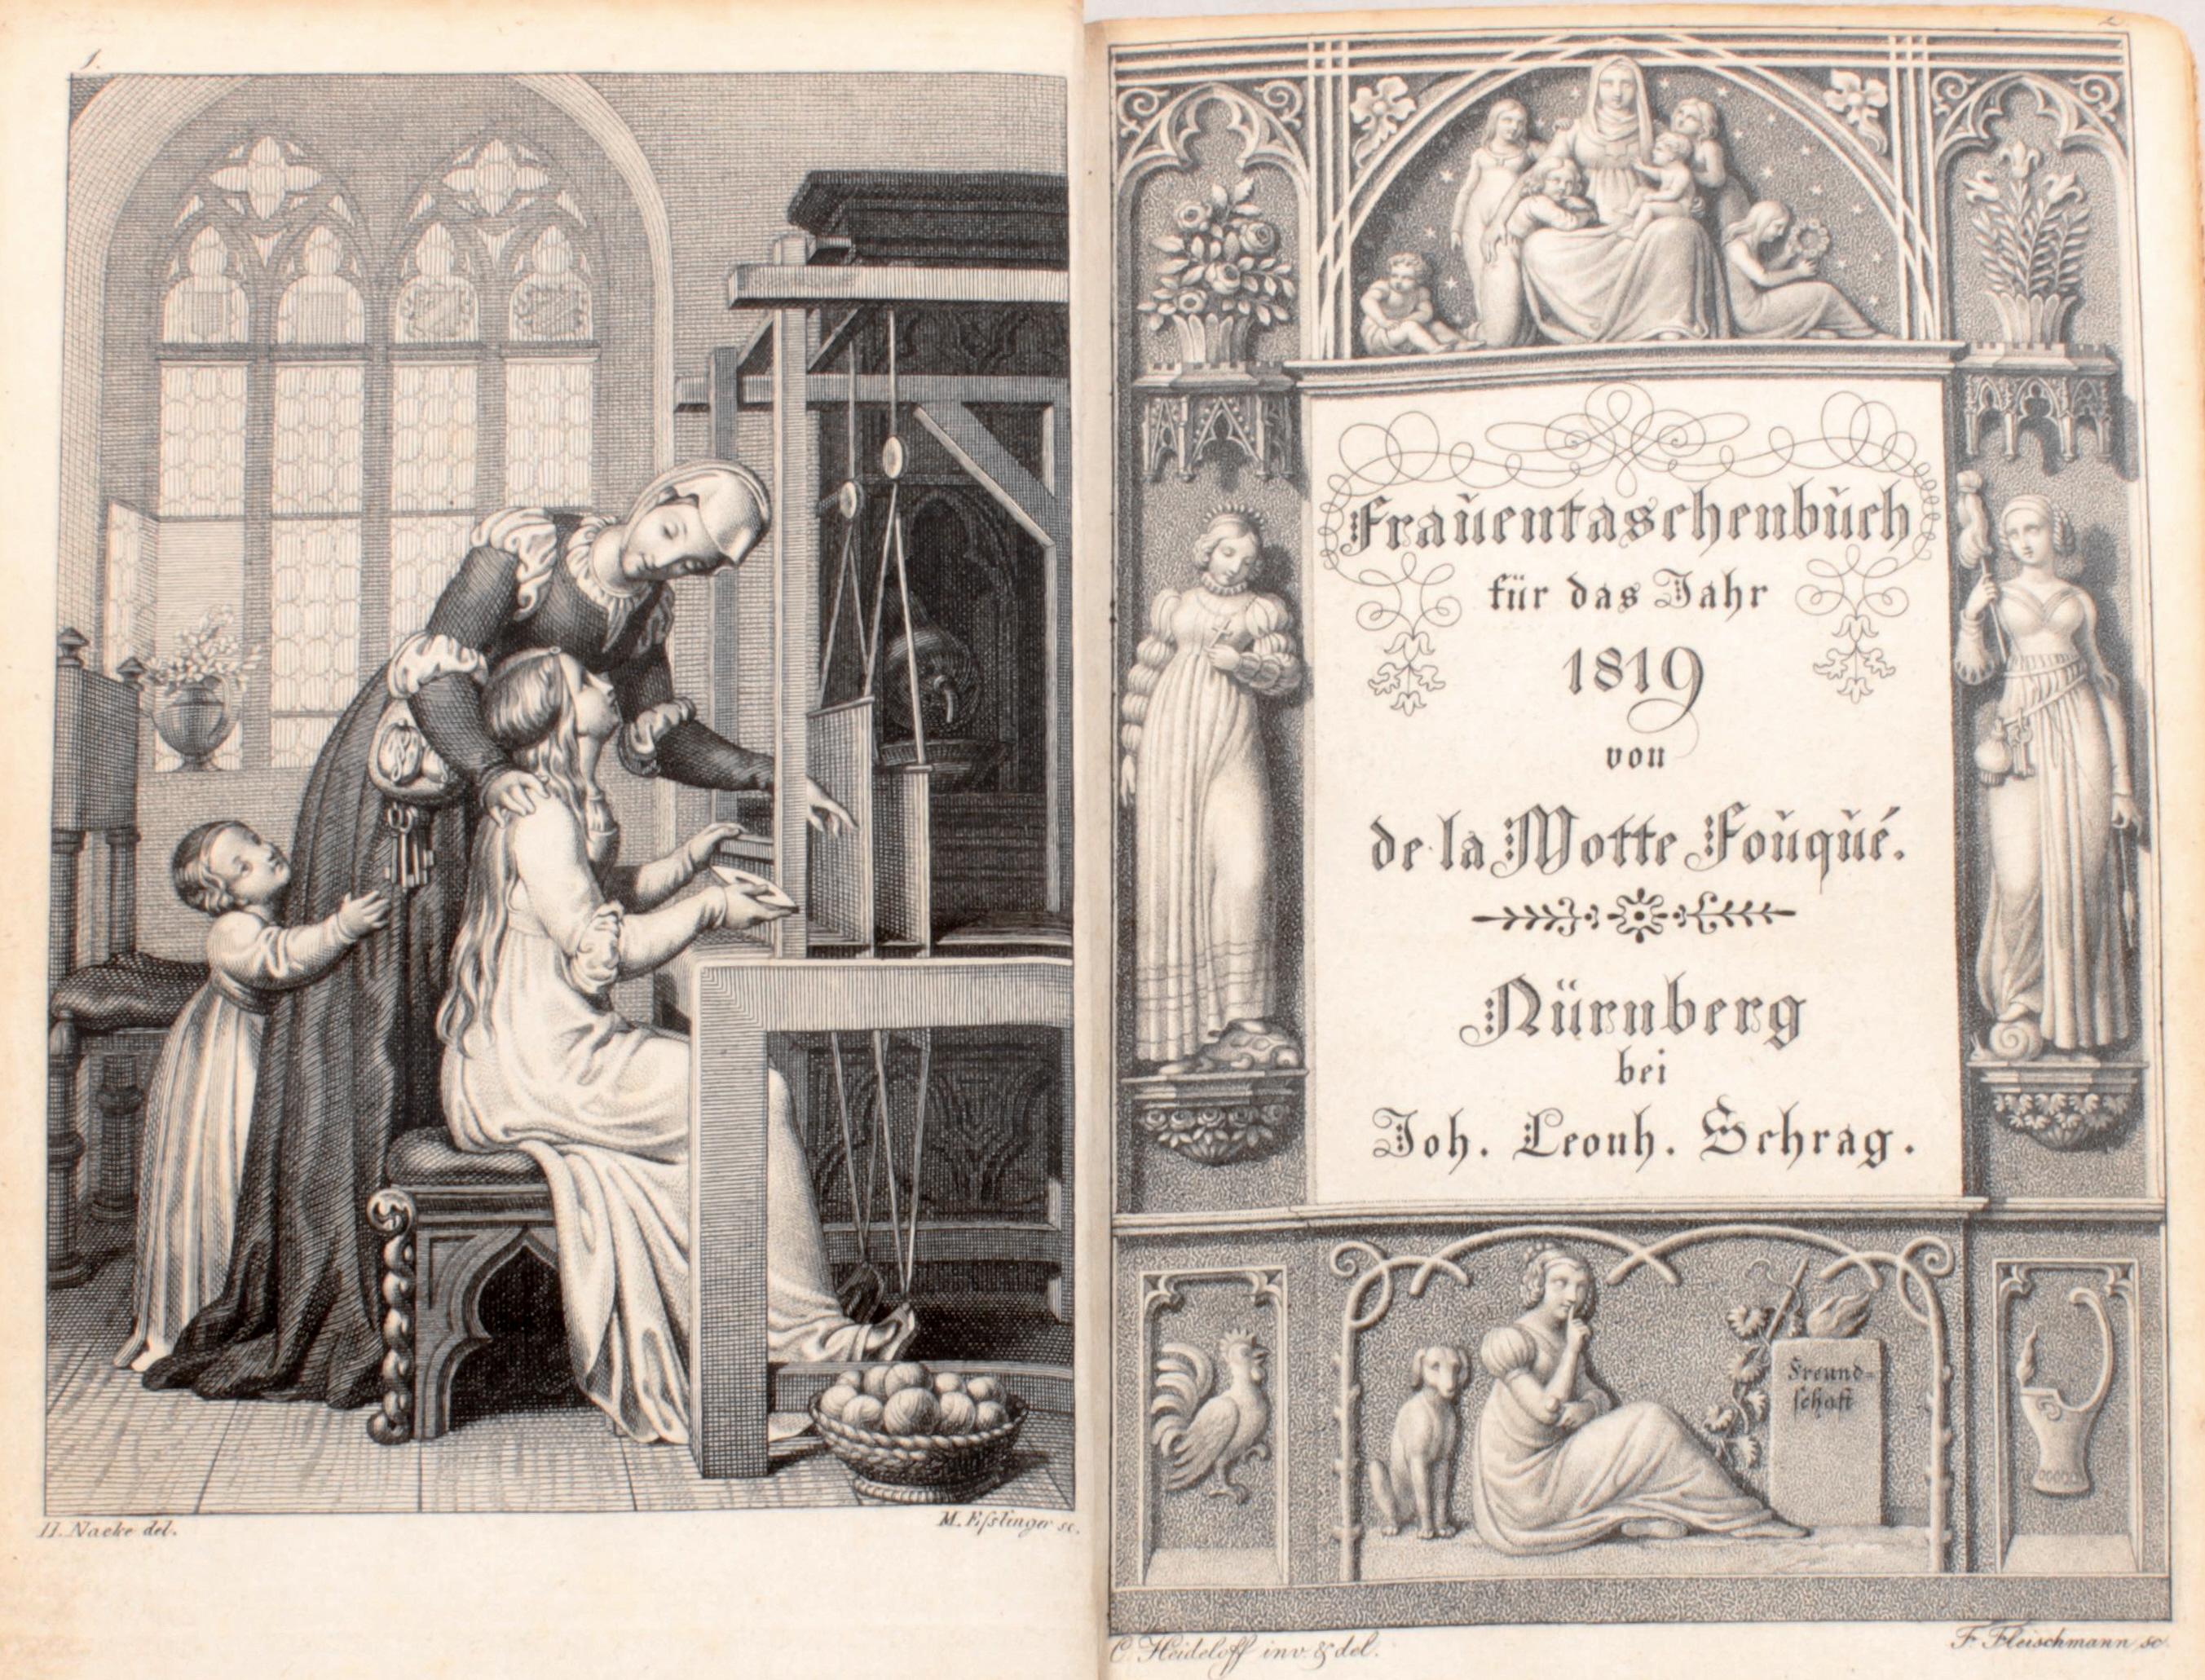 File:Frauentaschenbuch 1819 Titel.jpg